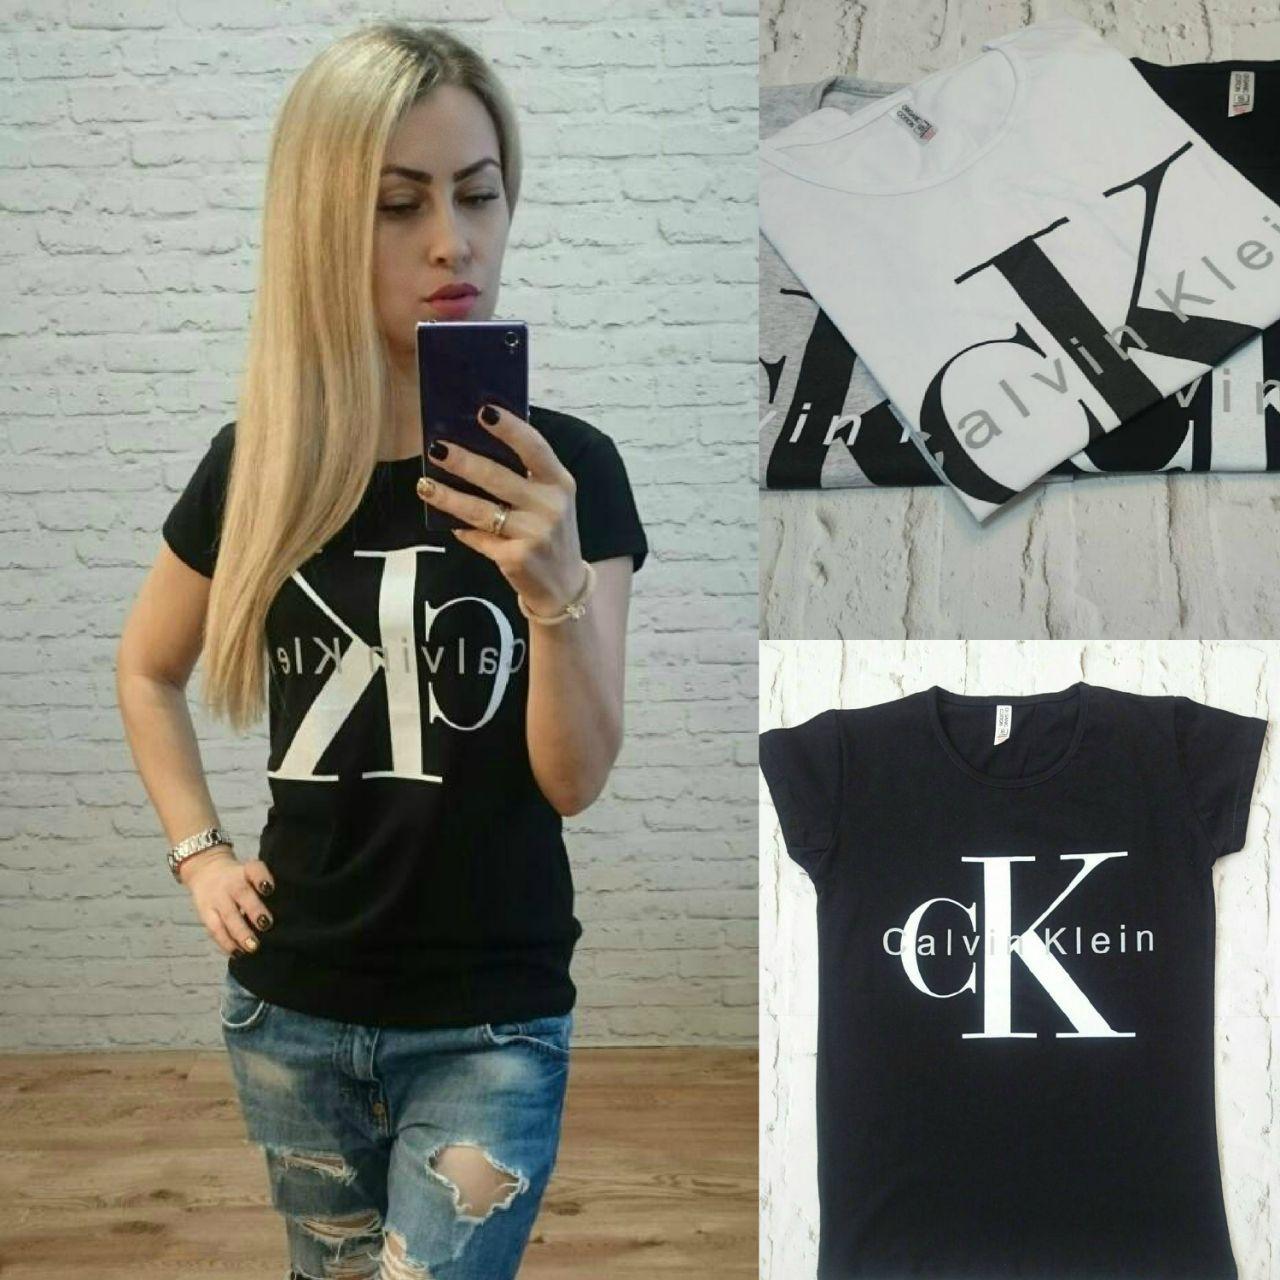 6104045011dc8 Женская футболка Calvin Klein Турция р. S,M,L оптом купить в Одессе ...